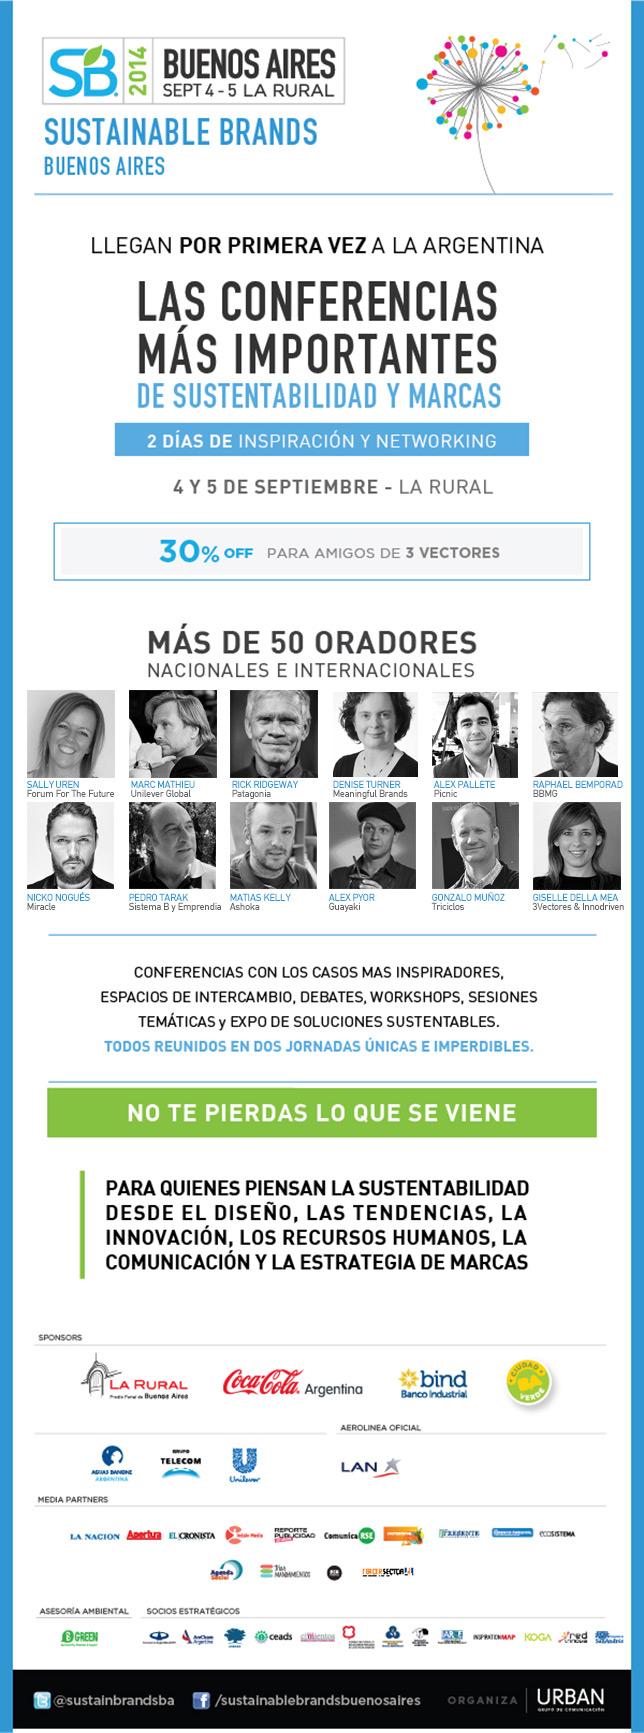 sustainable-brands-amigos-3vectores